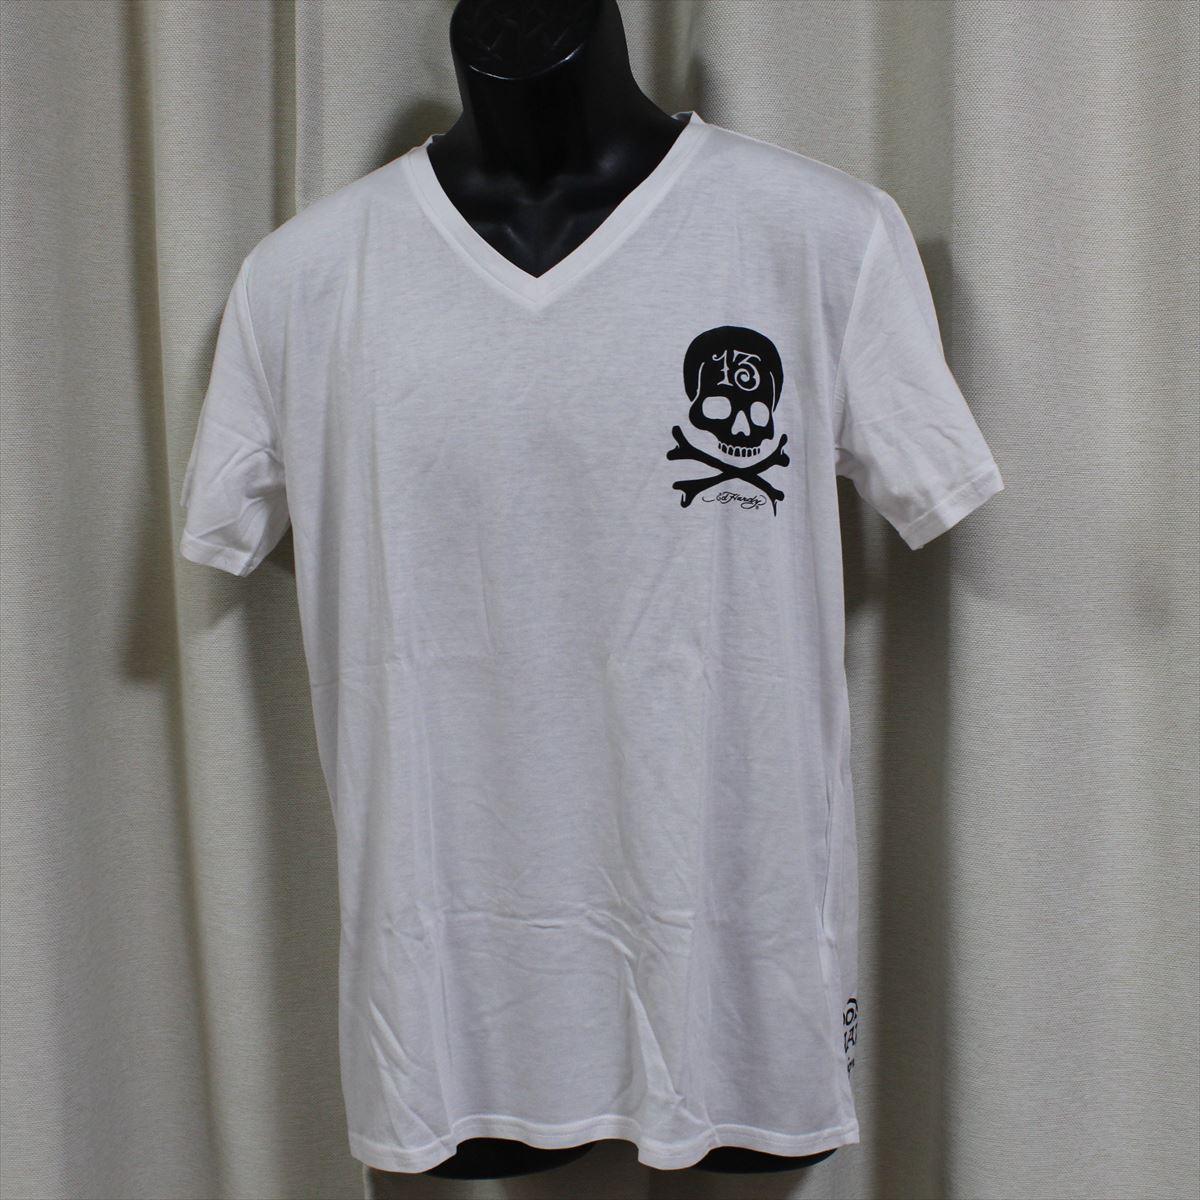 エドハーディー ED HARDY メンズ半袖Tシャツ ホワイト Lサイズ M02CMV552 新品 Vネック_画像1